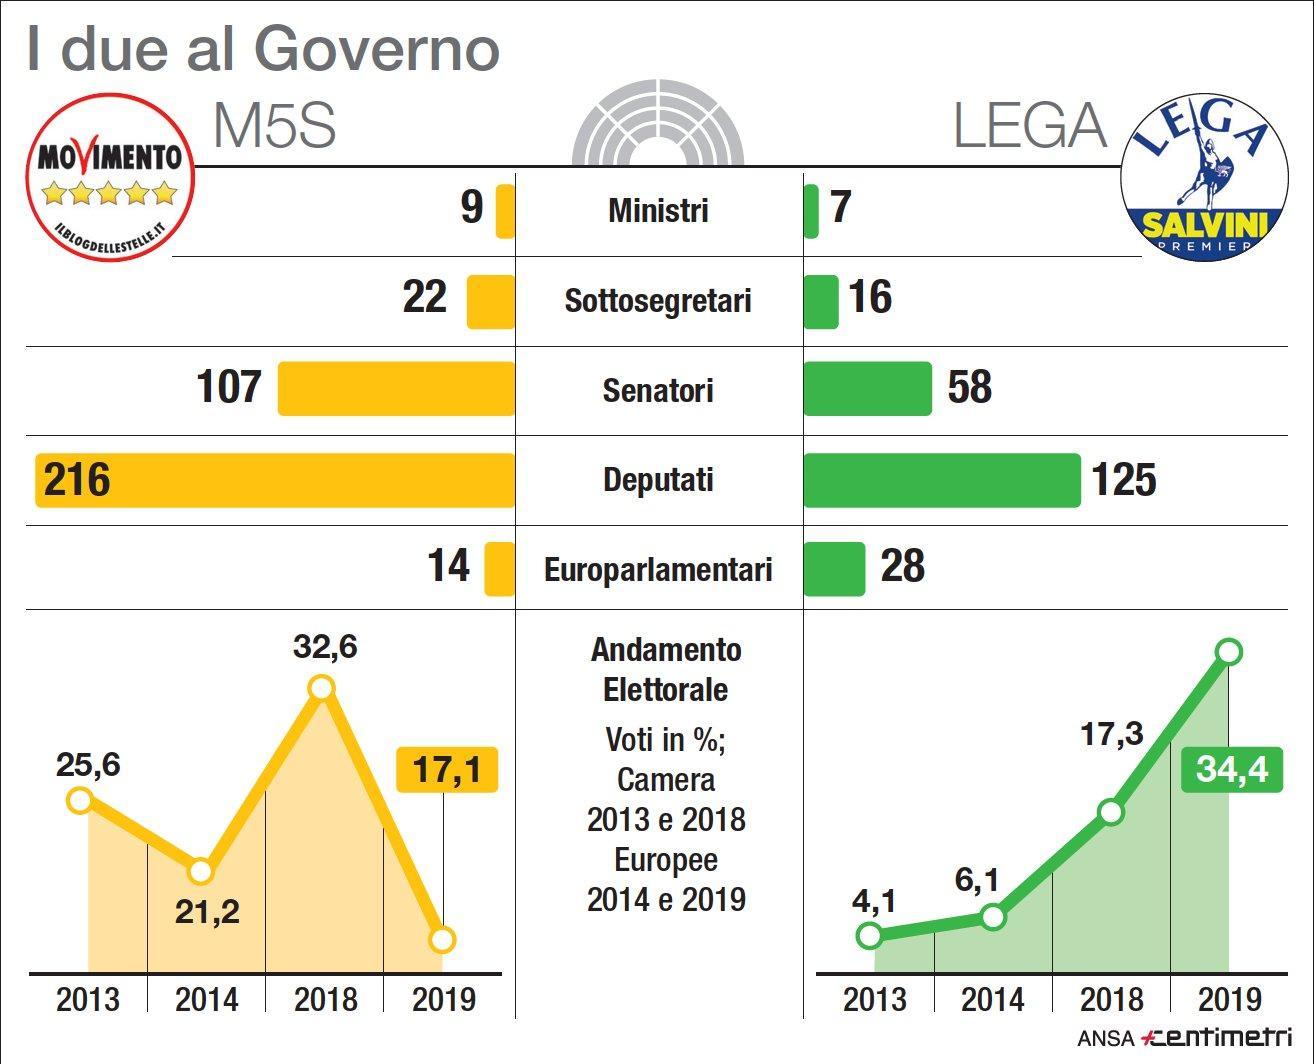 Governo, le cifre di M5s e Lega: deputati, senatori, elezioni